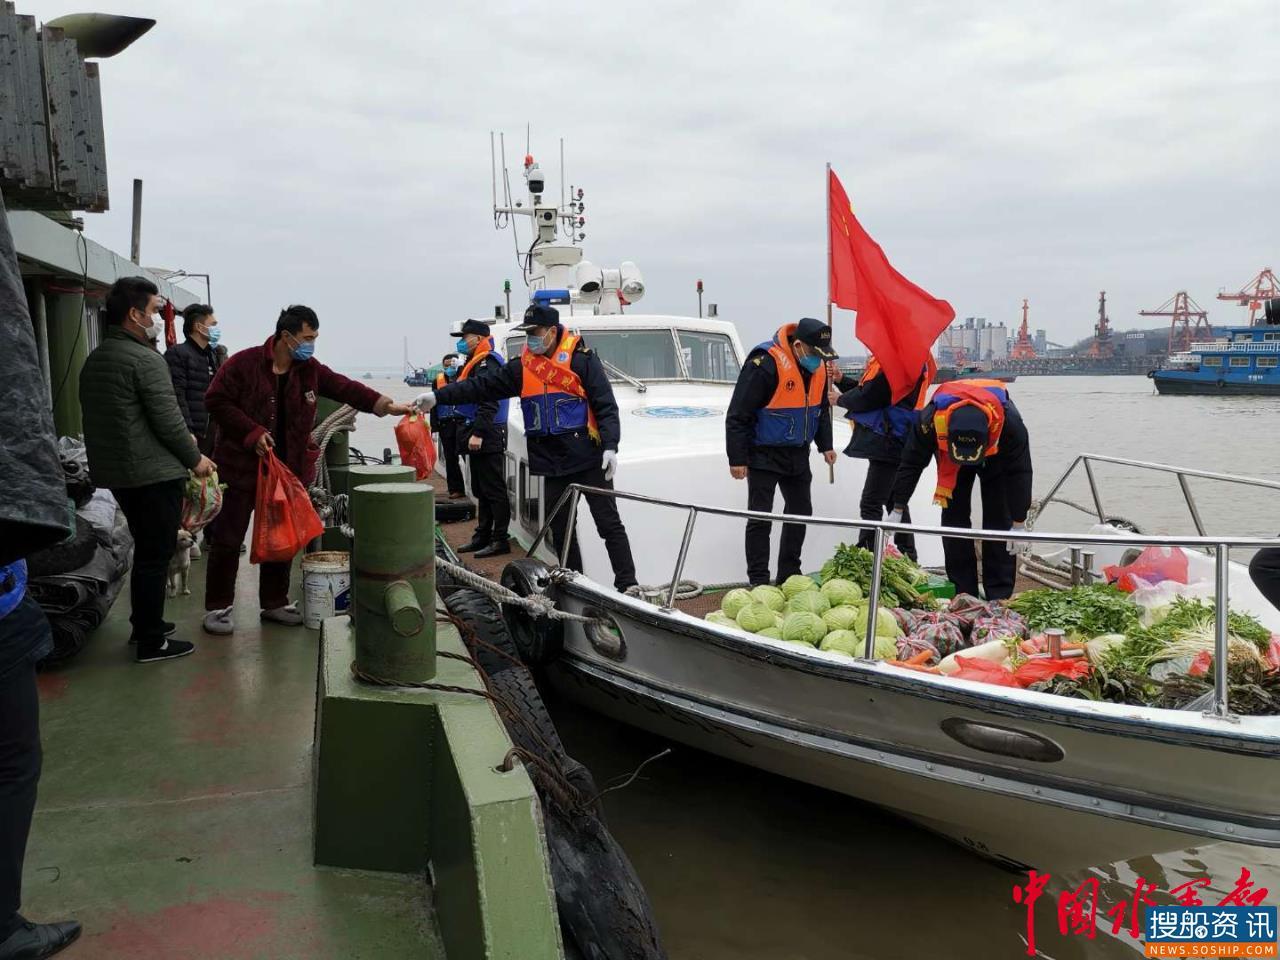 激流勇进创一流 阔步踏上新征程 ——长江海事局2020年工作纪实